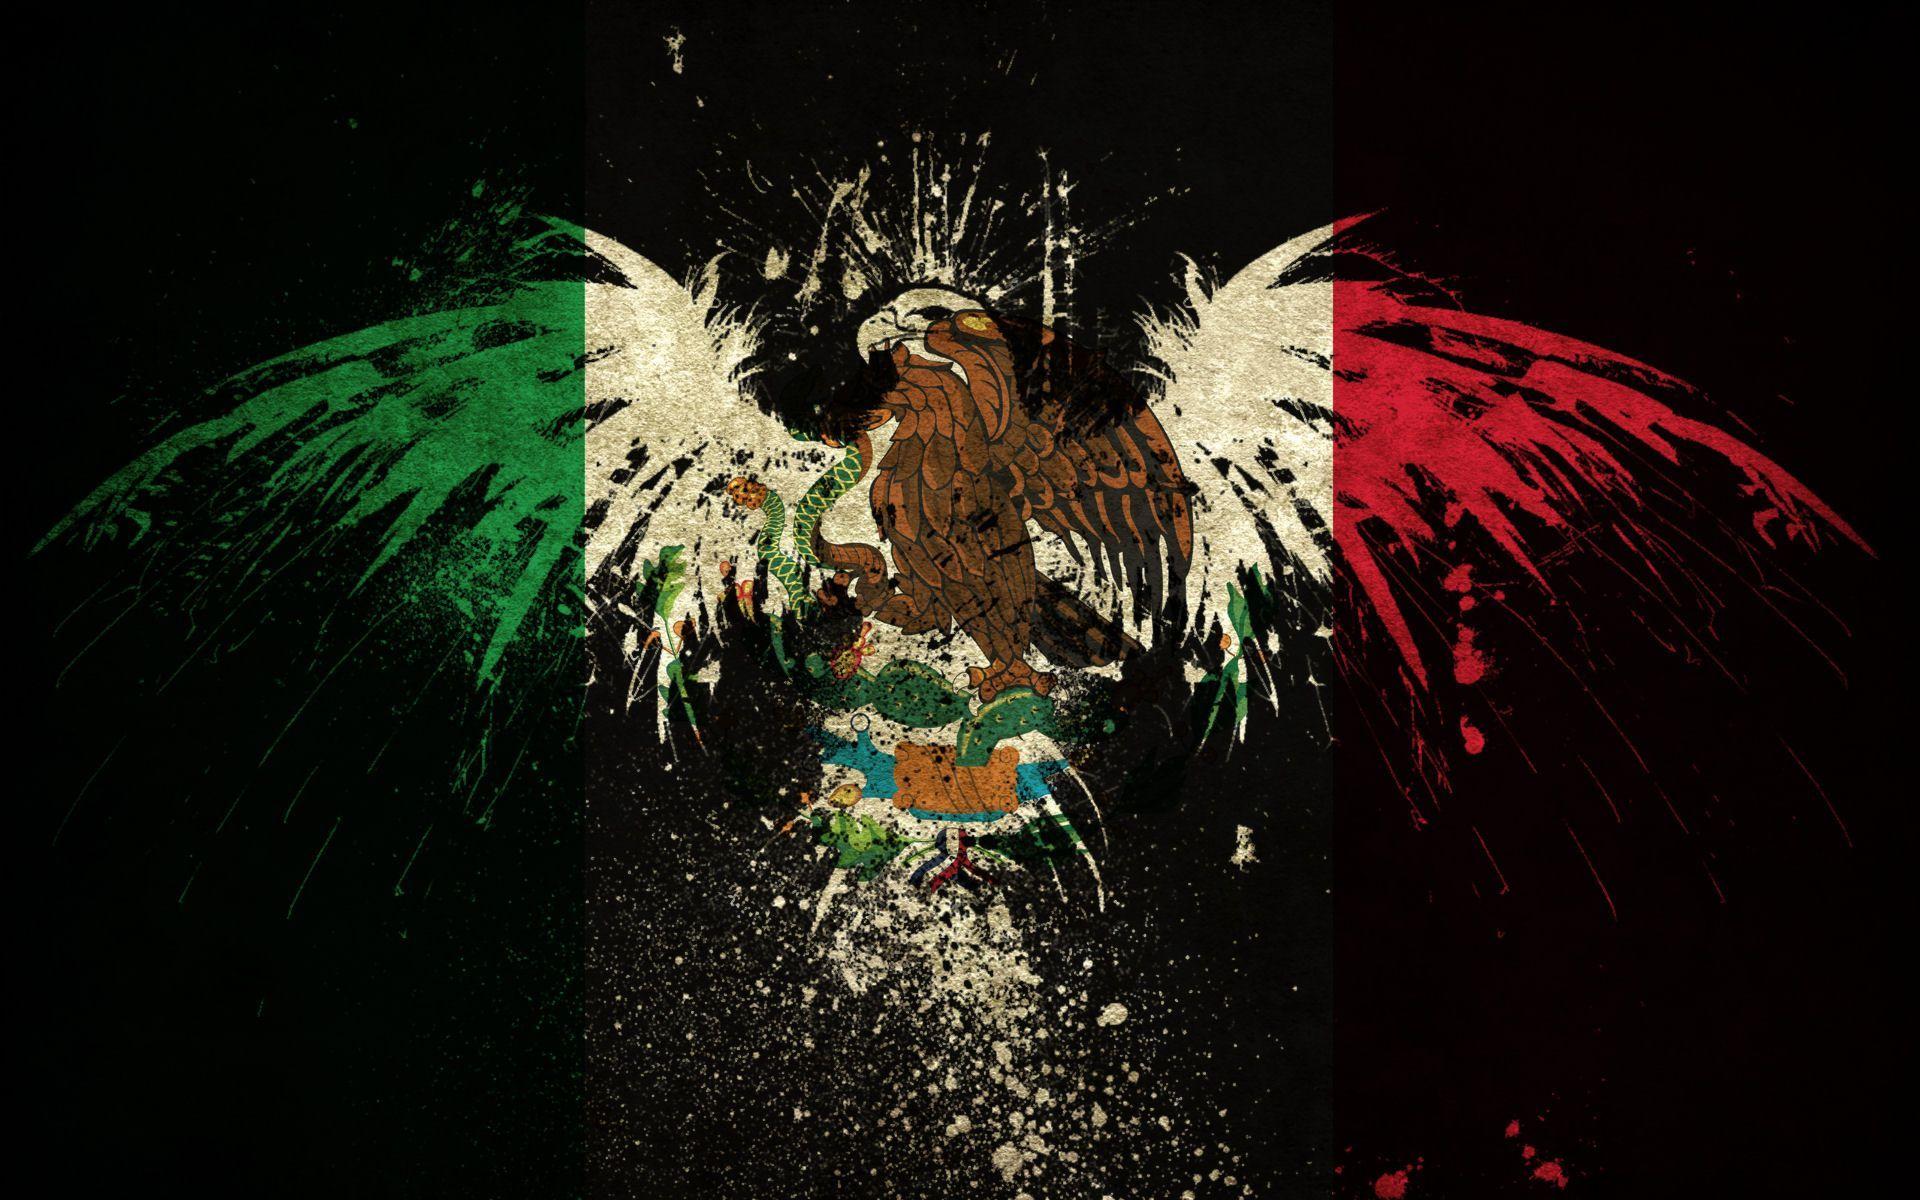 Desktop Mexico Hd Wallpapers Mexico Wallpaper Eagle Wallpaper Mexican Culture Art